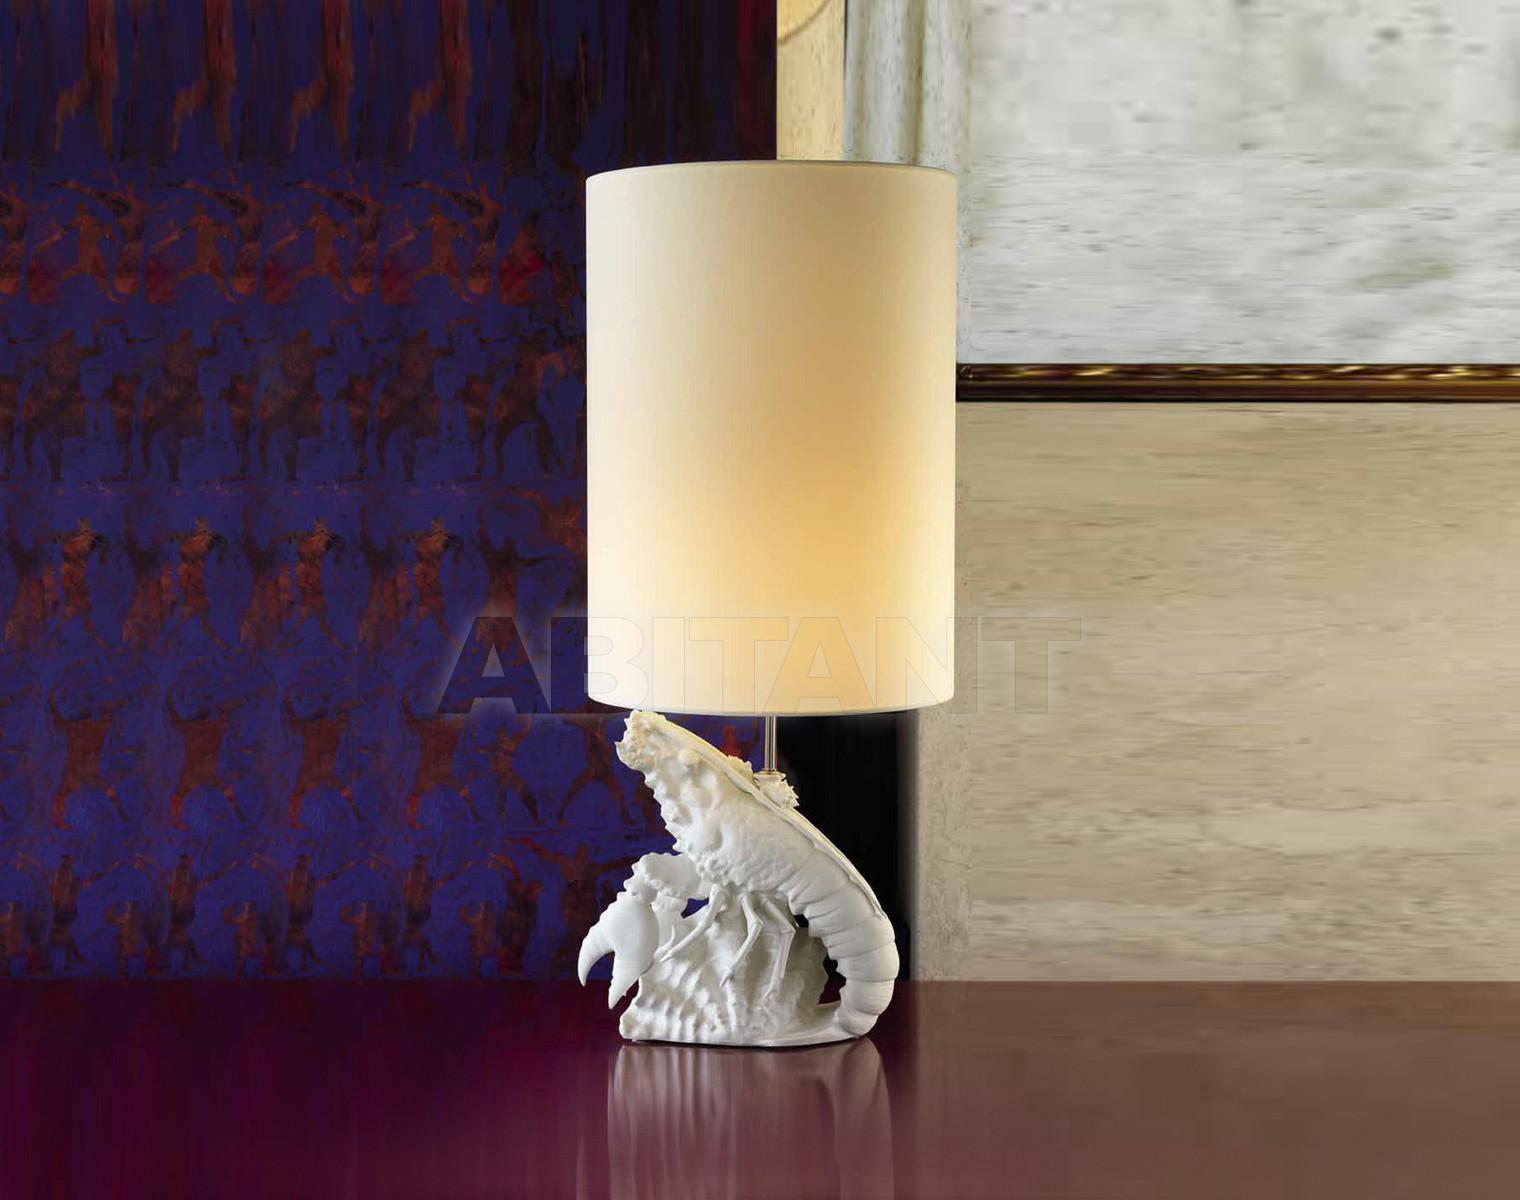 Купить Лампа настольная BIG SEA CRAWFISH Villari Grande Opera Ii 0000481-101